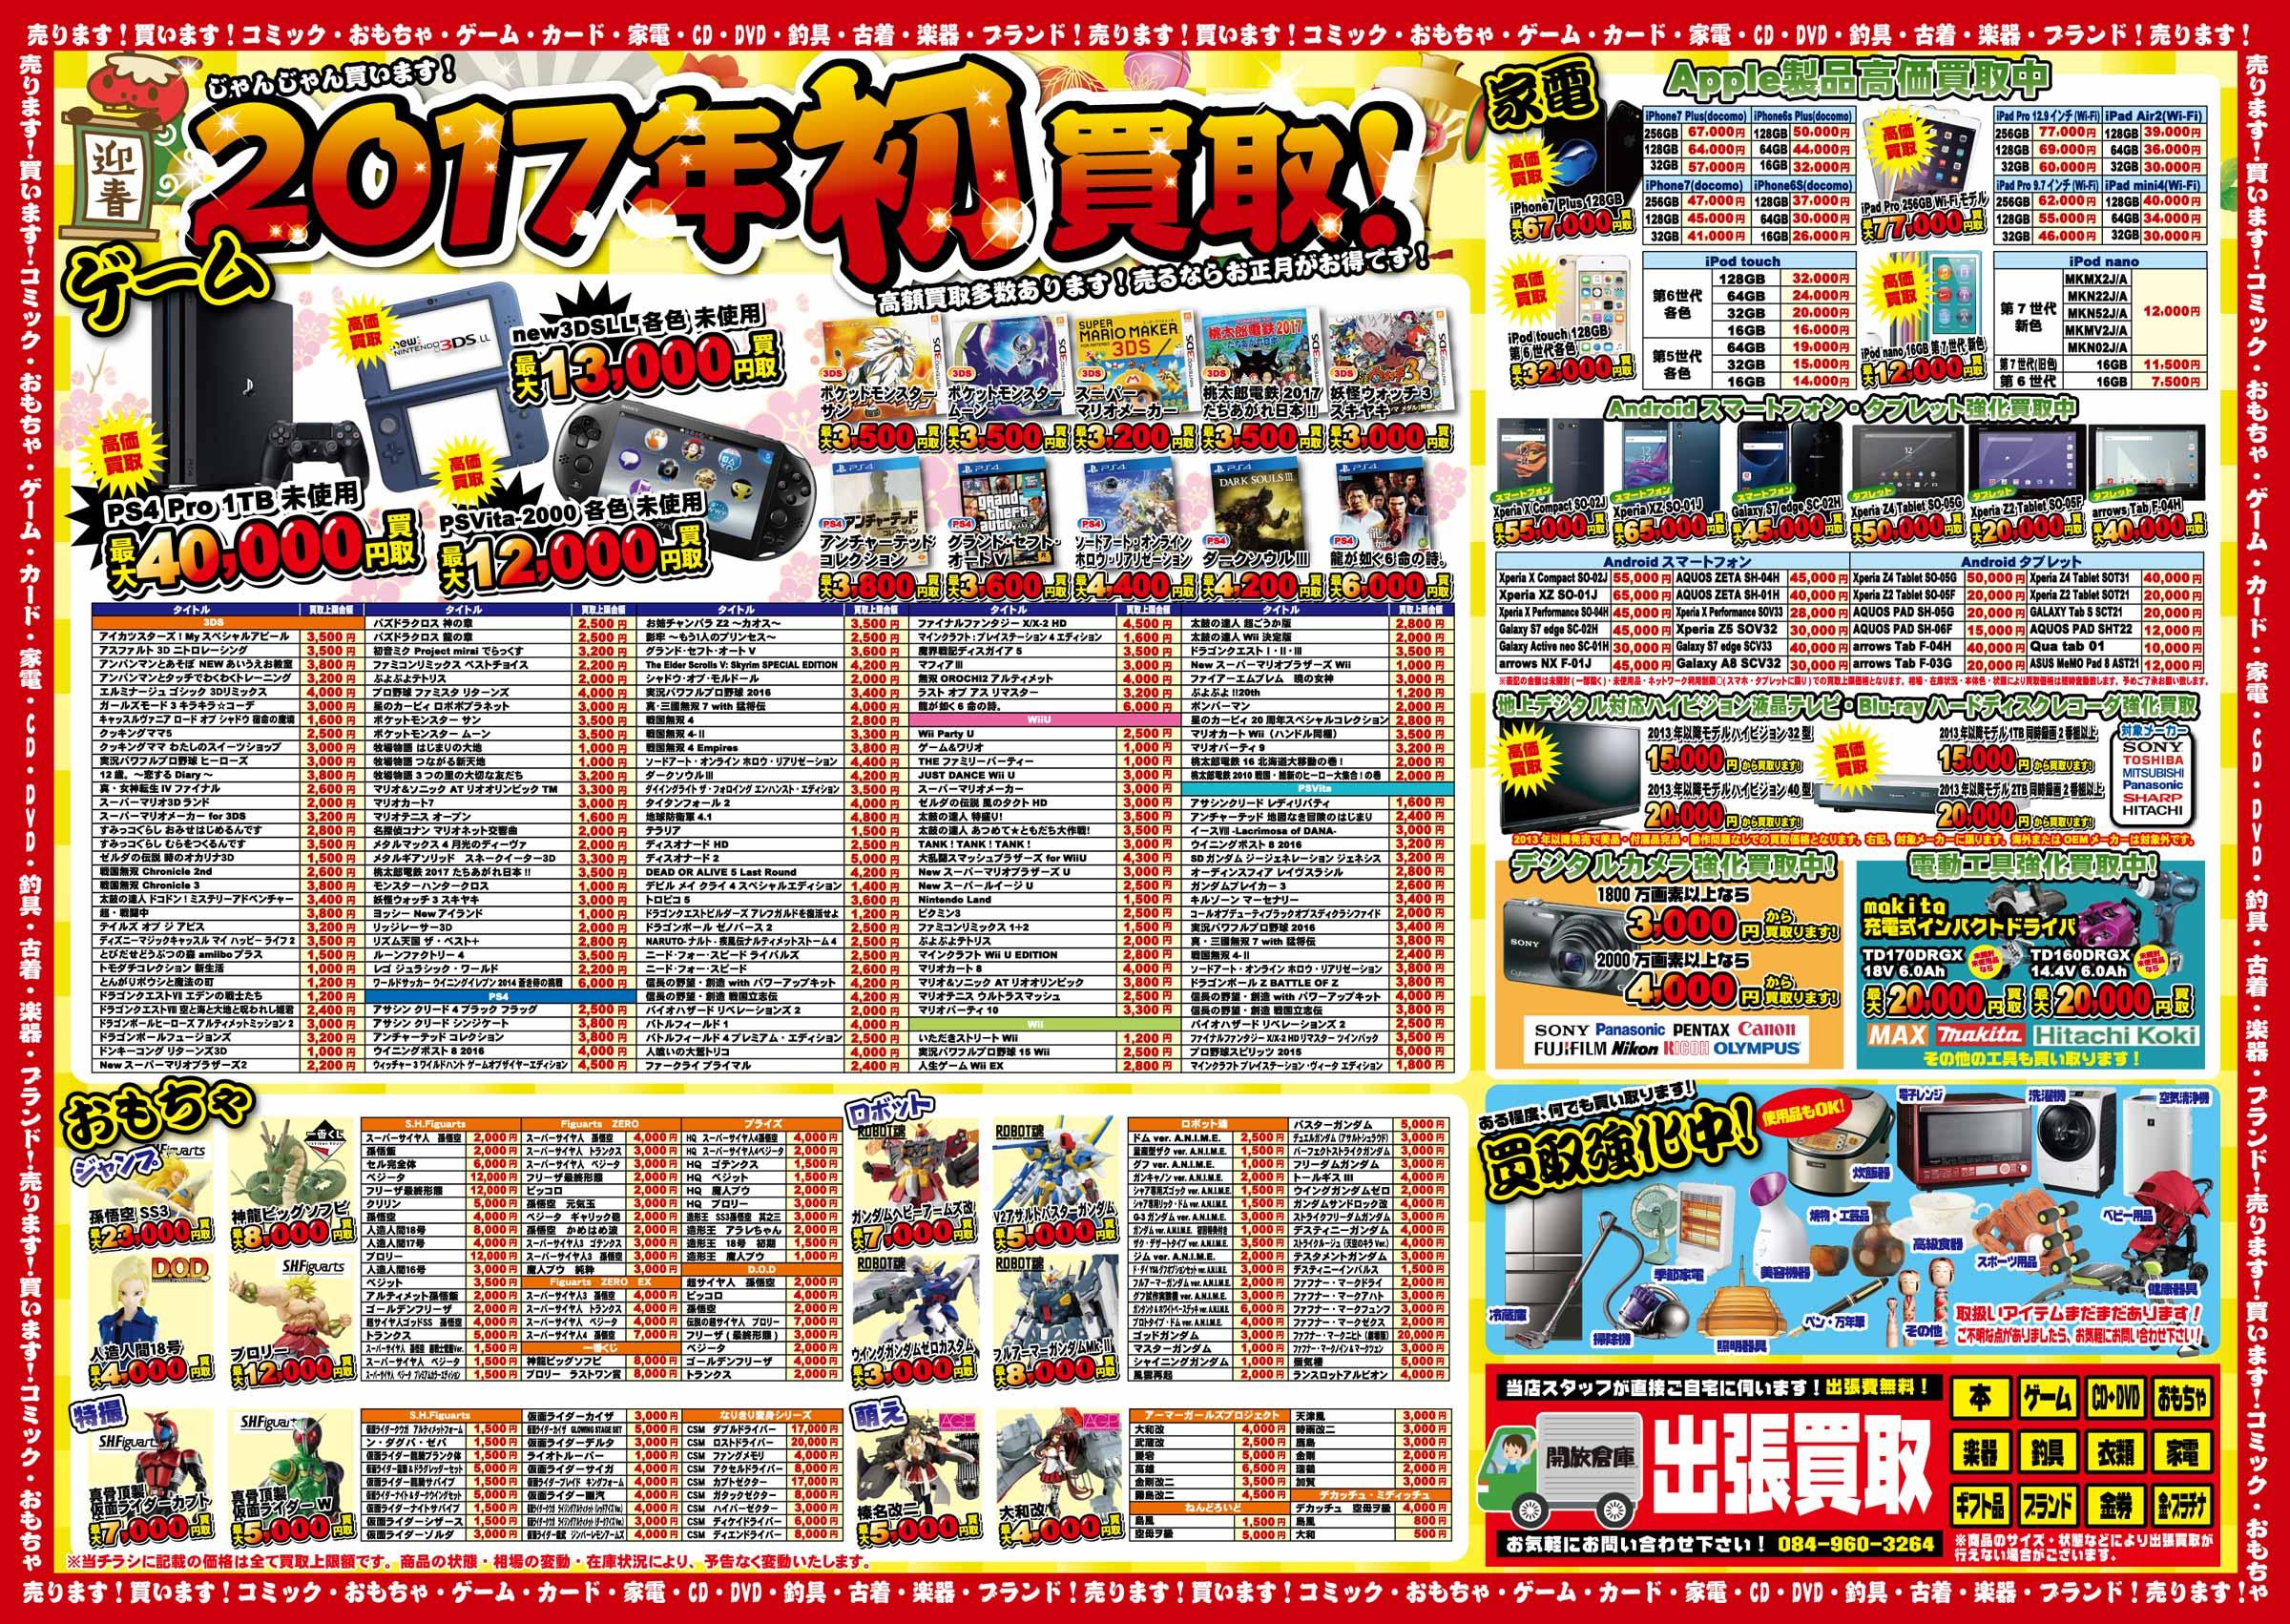 「開放倉庫福山店」2017年の初買取チラシ